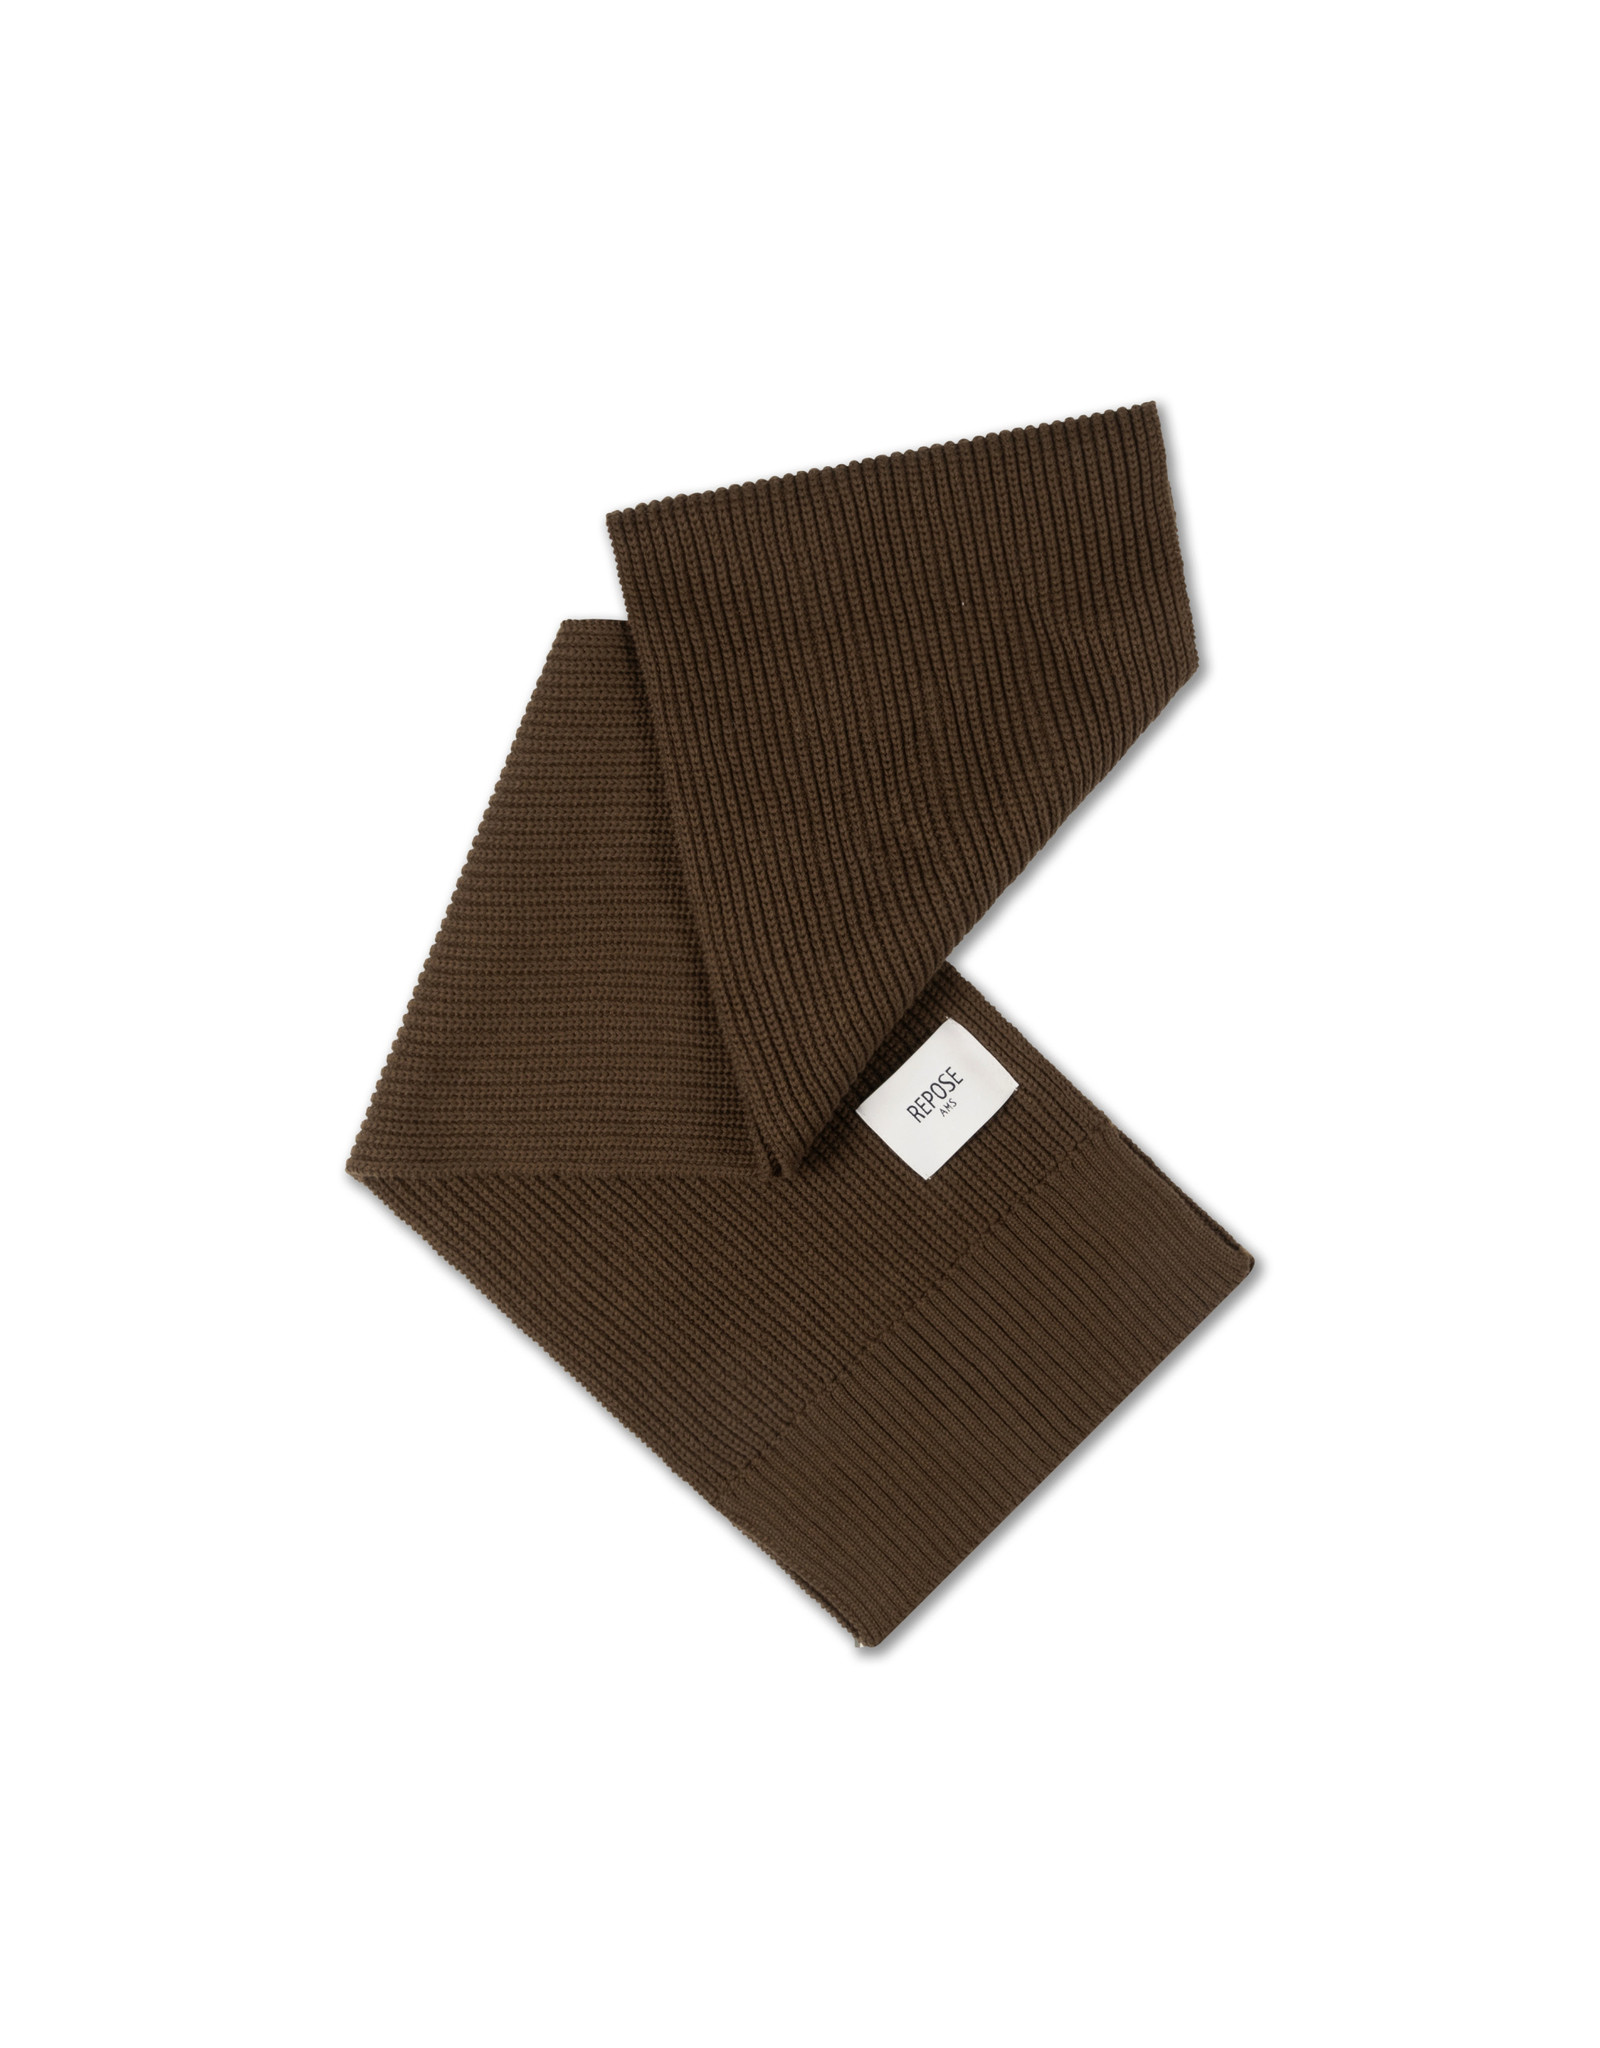 Repose Repose FW21 48 knit scarf